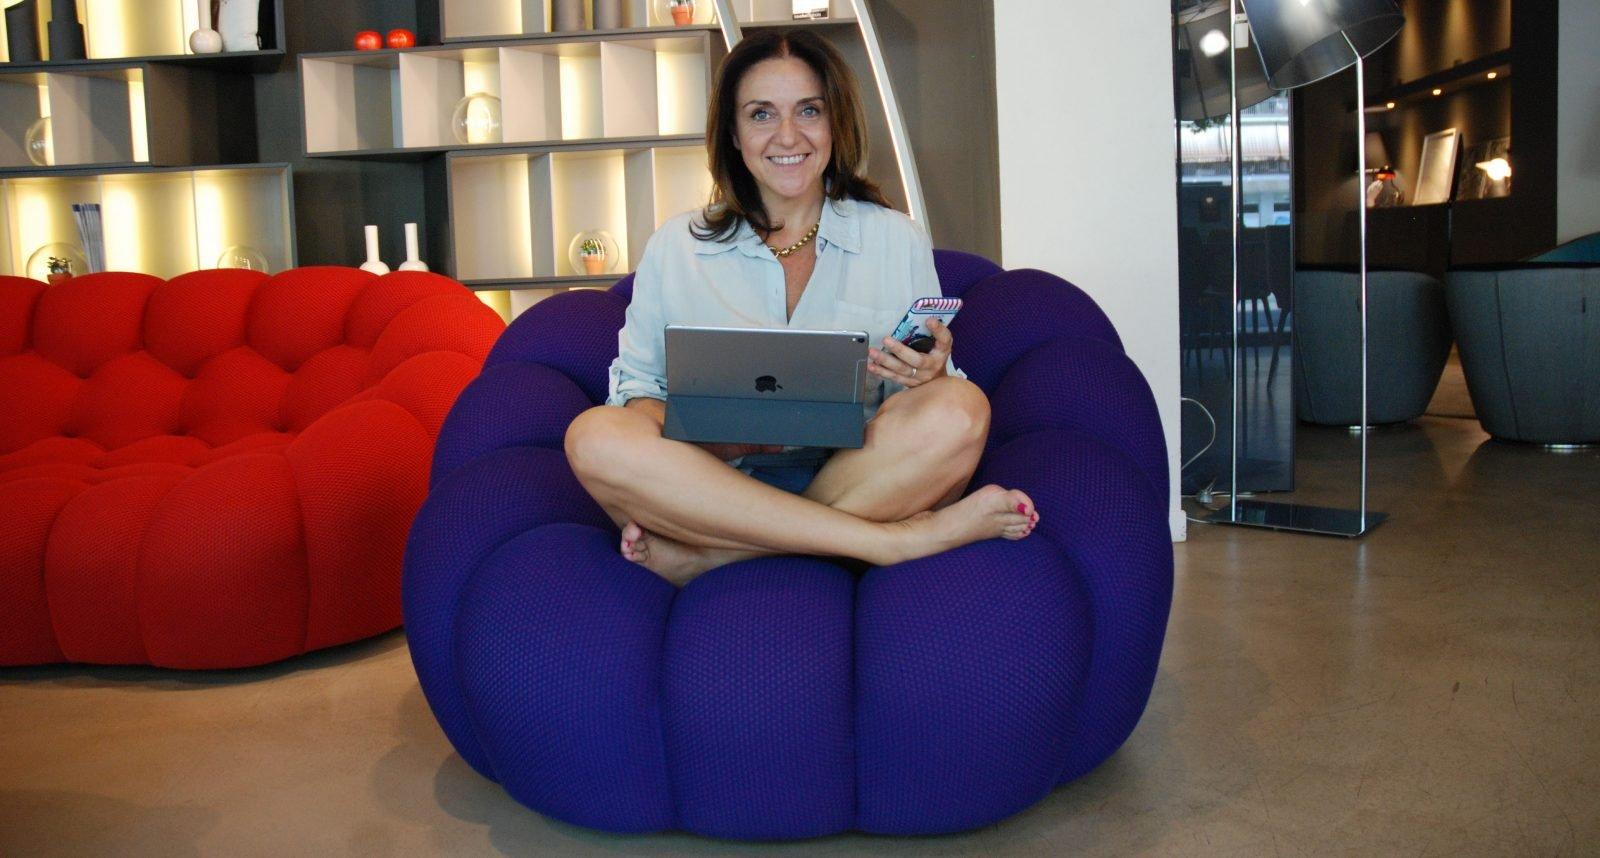 Silvia Rossi, agente immobiliare di lusso, PR e blogger. Divano: Roche Bobois.